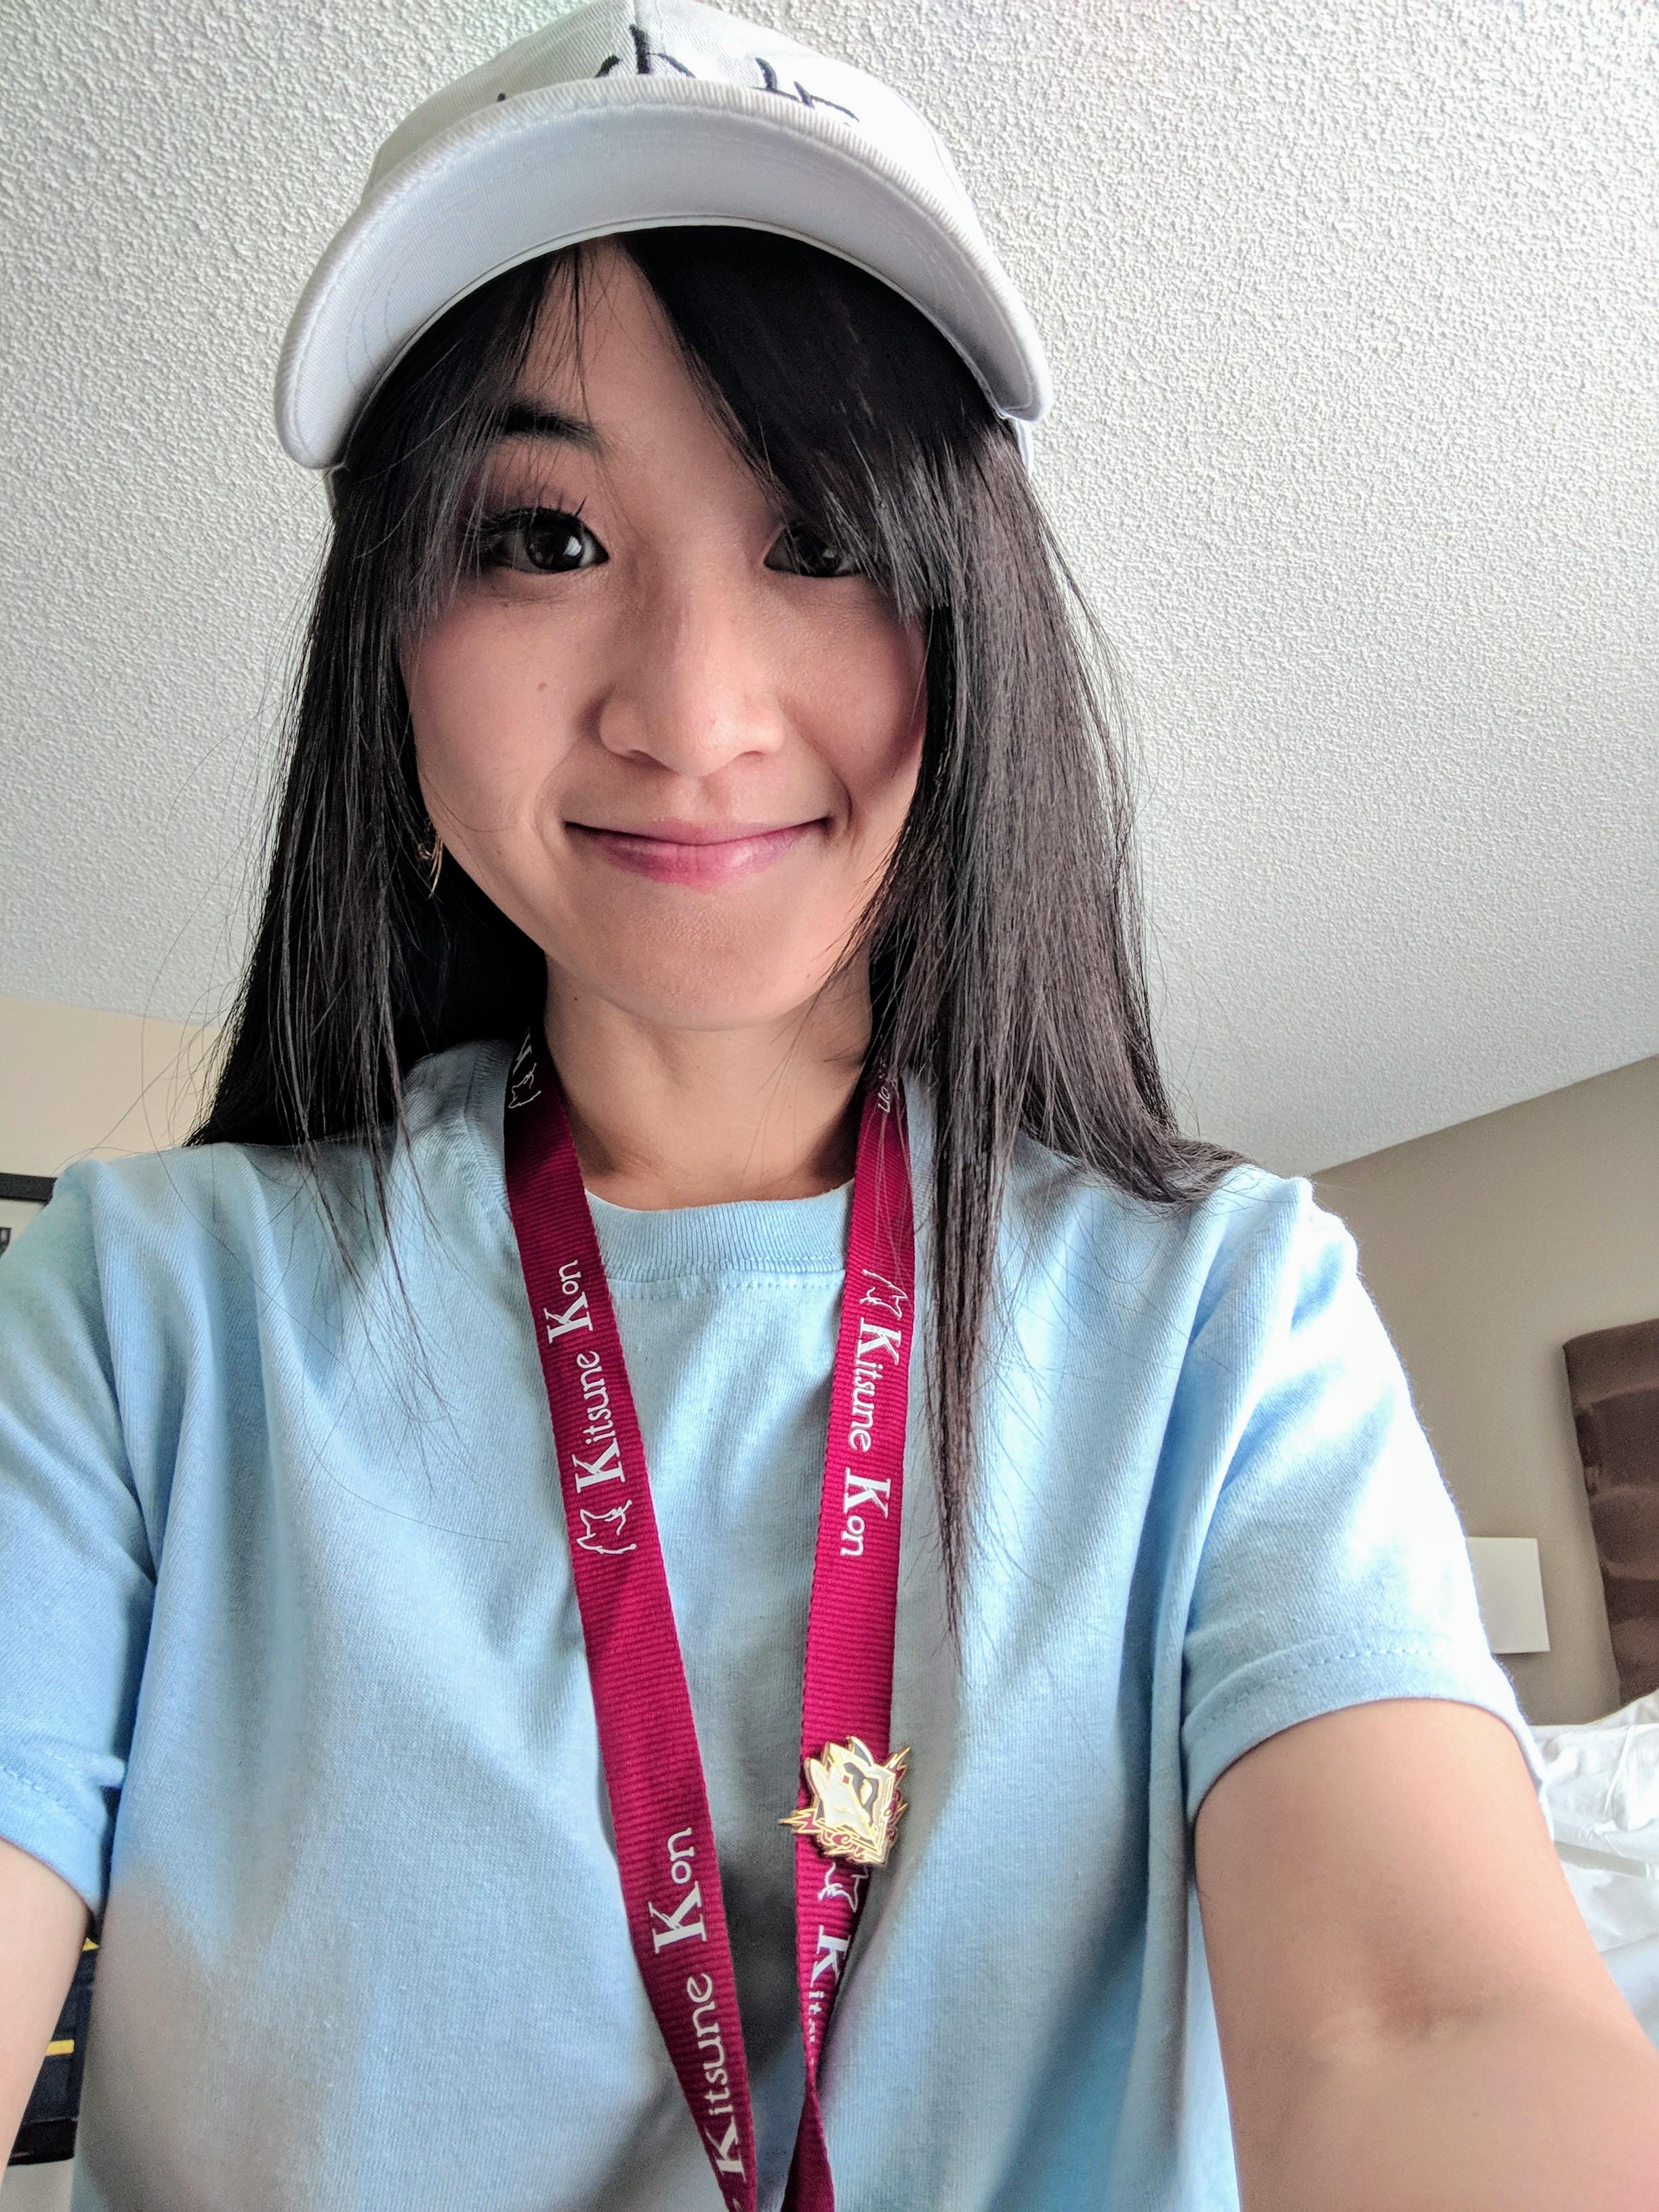 Xanthe_Huynh_Platelet_KitsuneKon